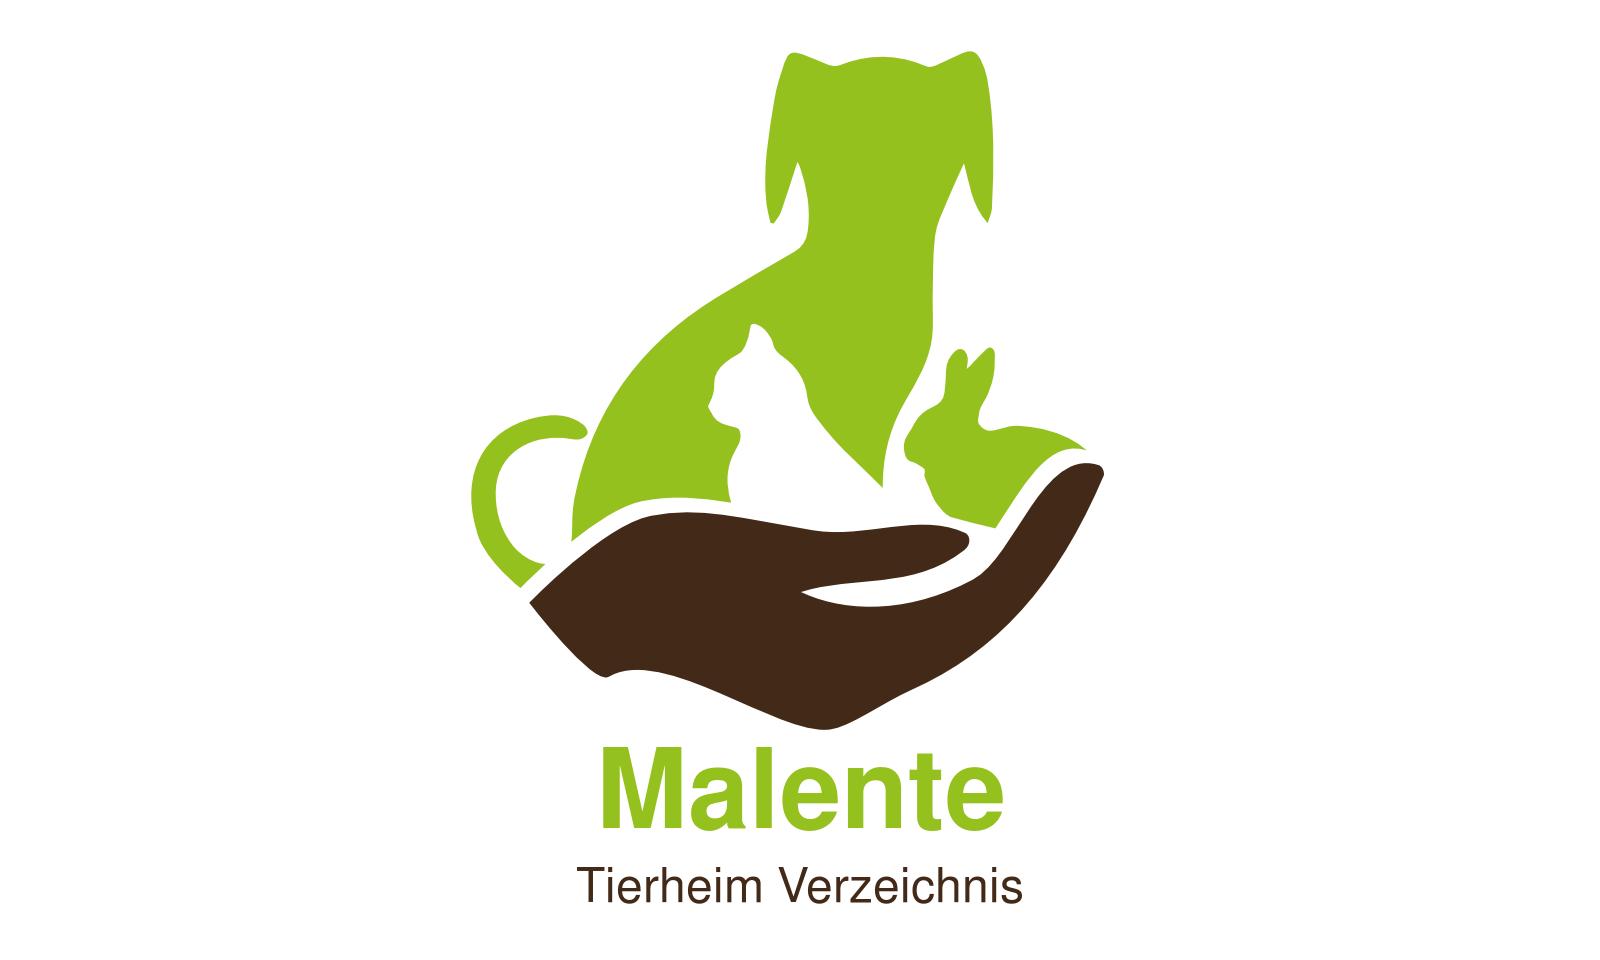 Tierheim Malente